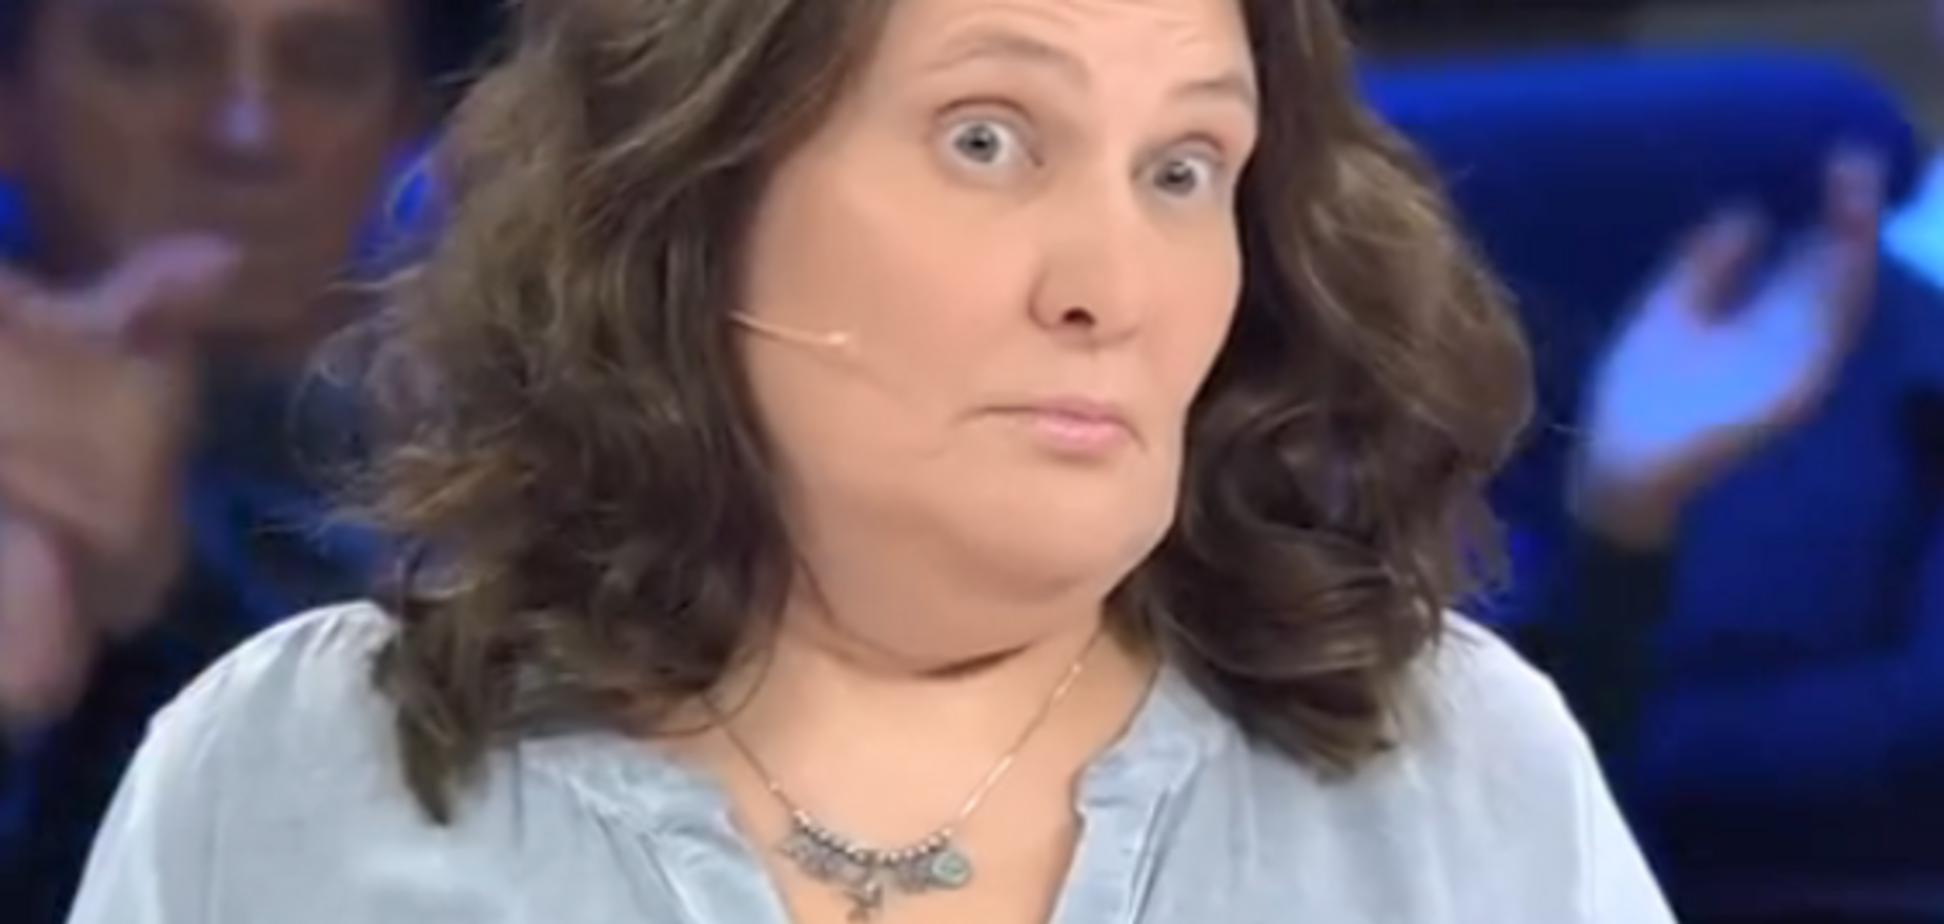 ''Повісити на стовпах!'' Монтян в ефірі росТБ закликала вбивати українців